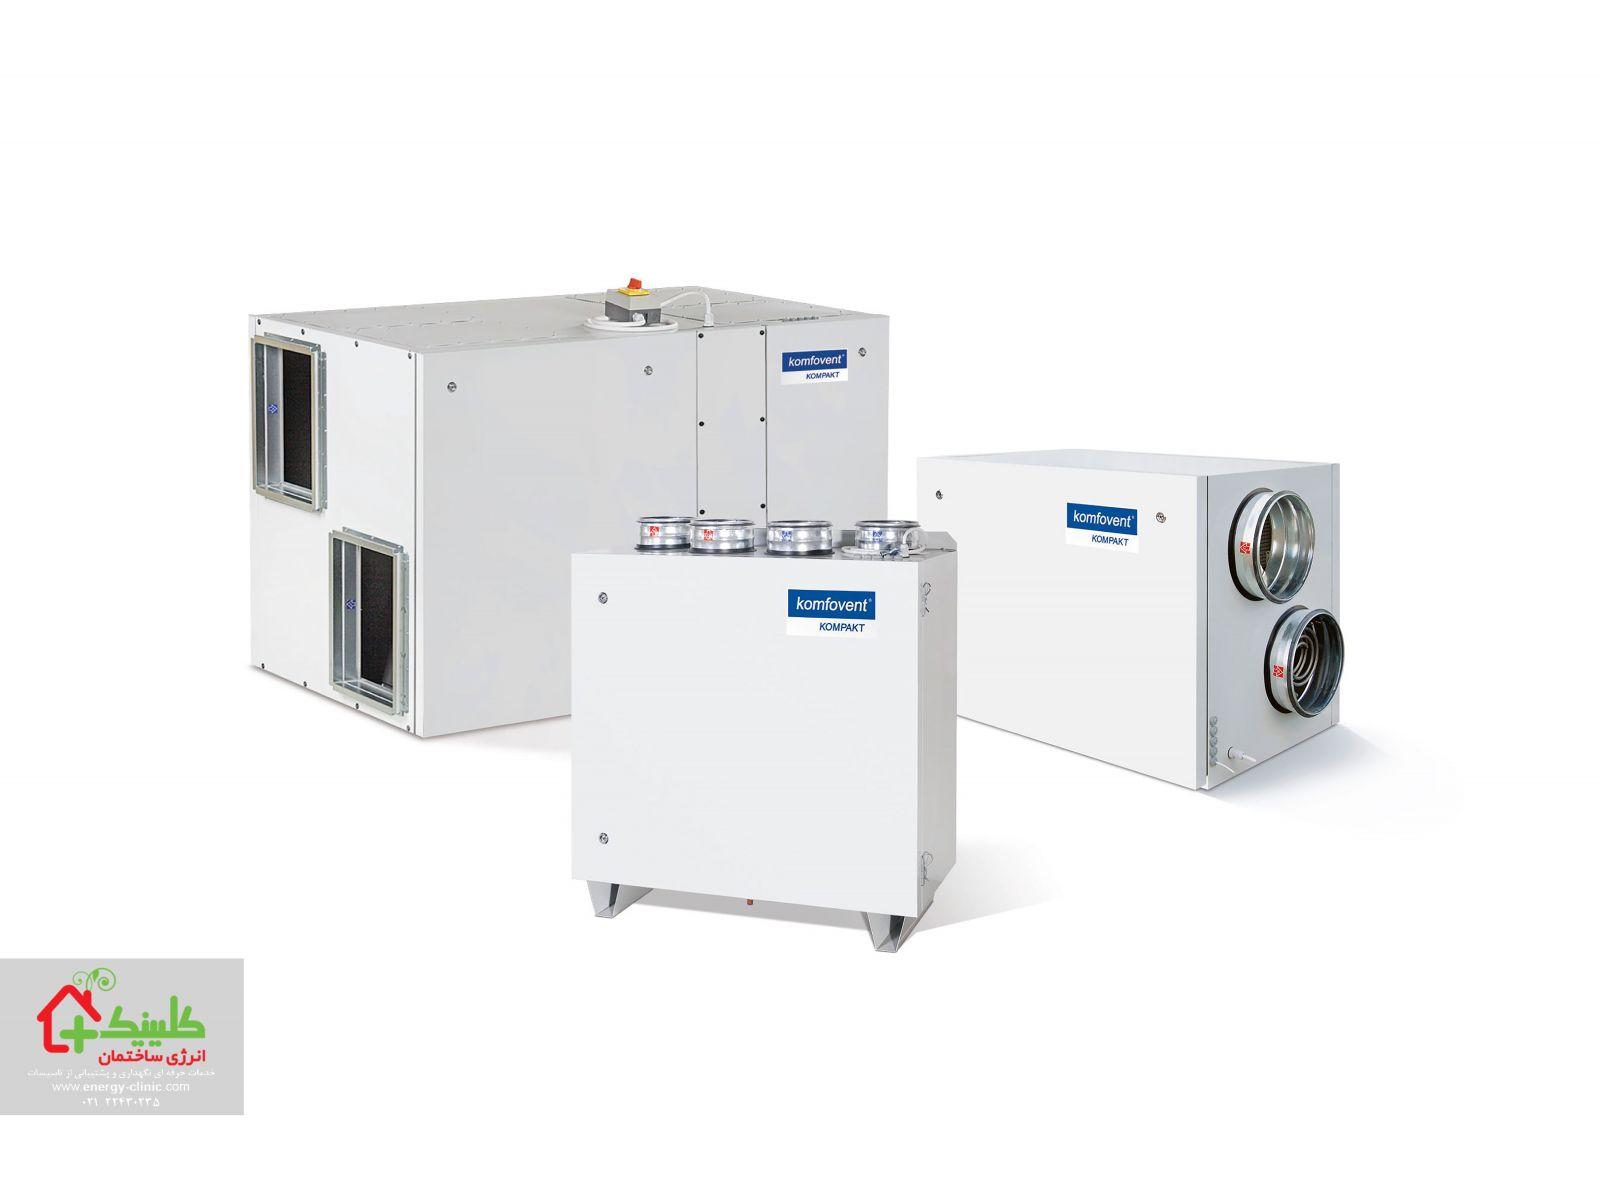 بهینه سازی مصرف واحدهای تصفیه هوا